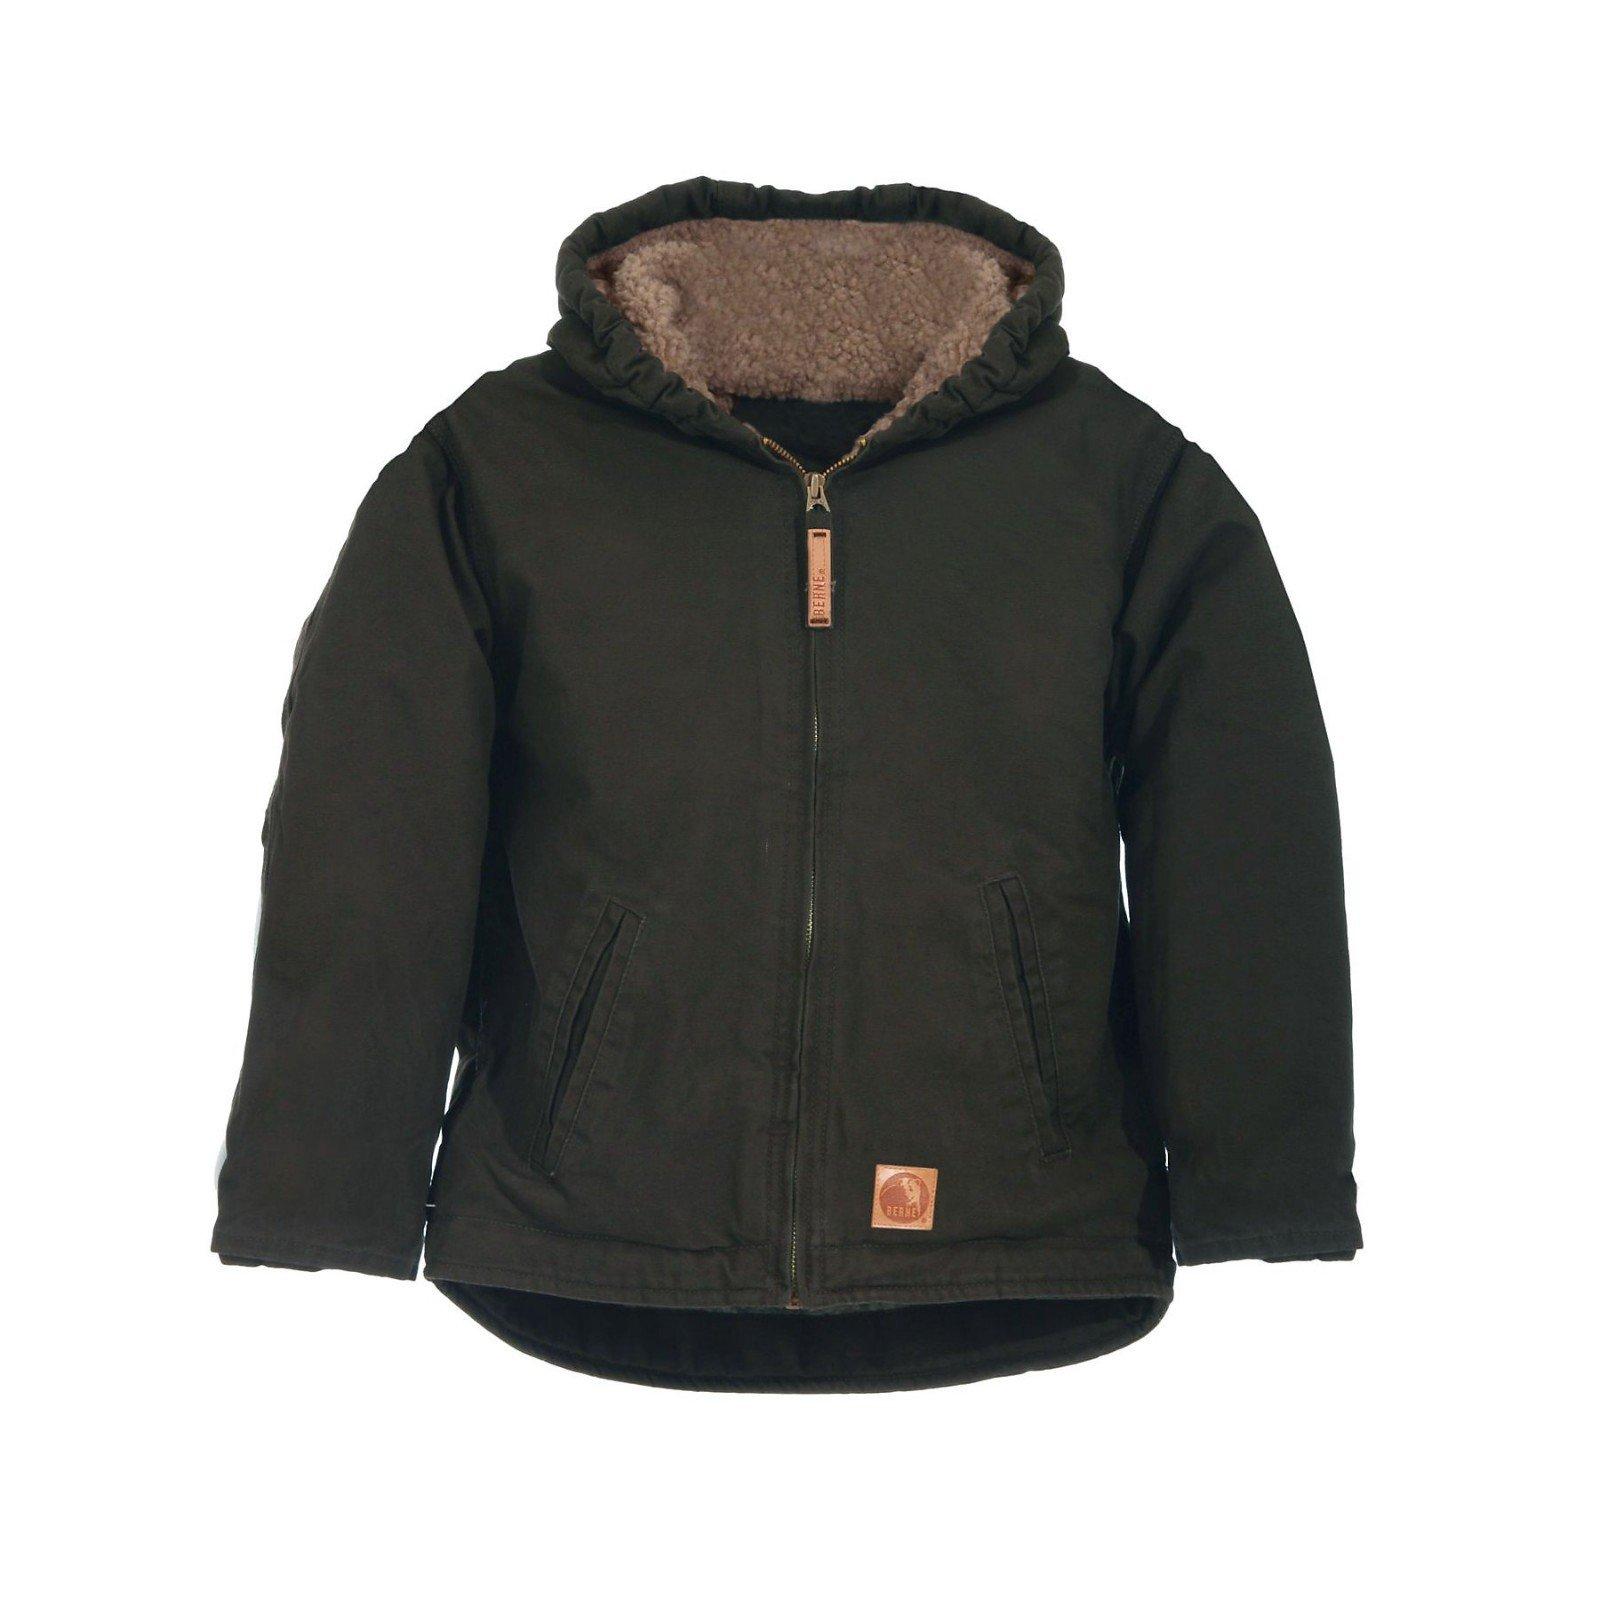 Berne Apparel BHJ42 Boy's Sanded Hooded Coat Sherpa Lined Olive Duck Large